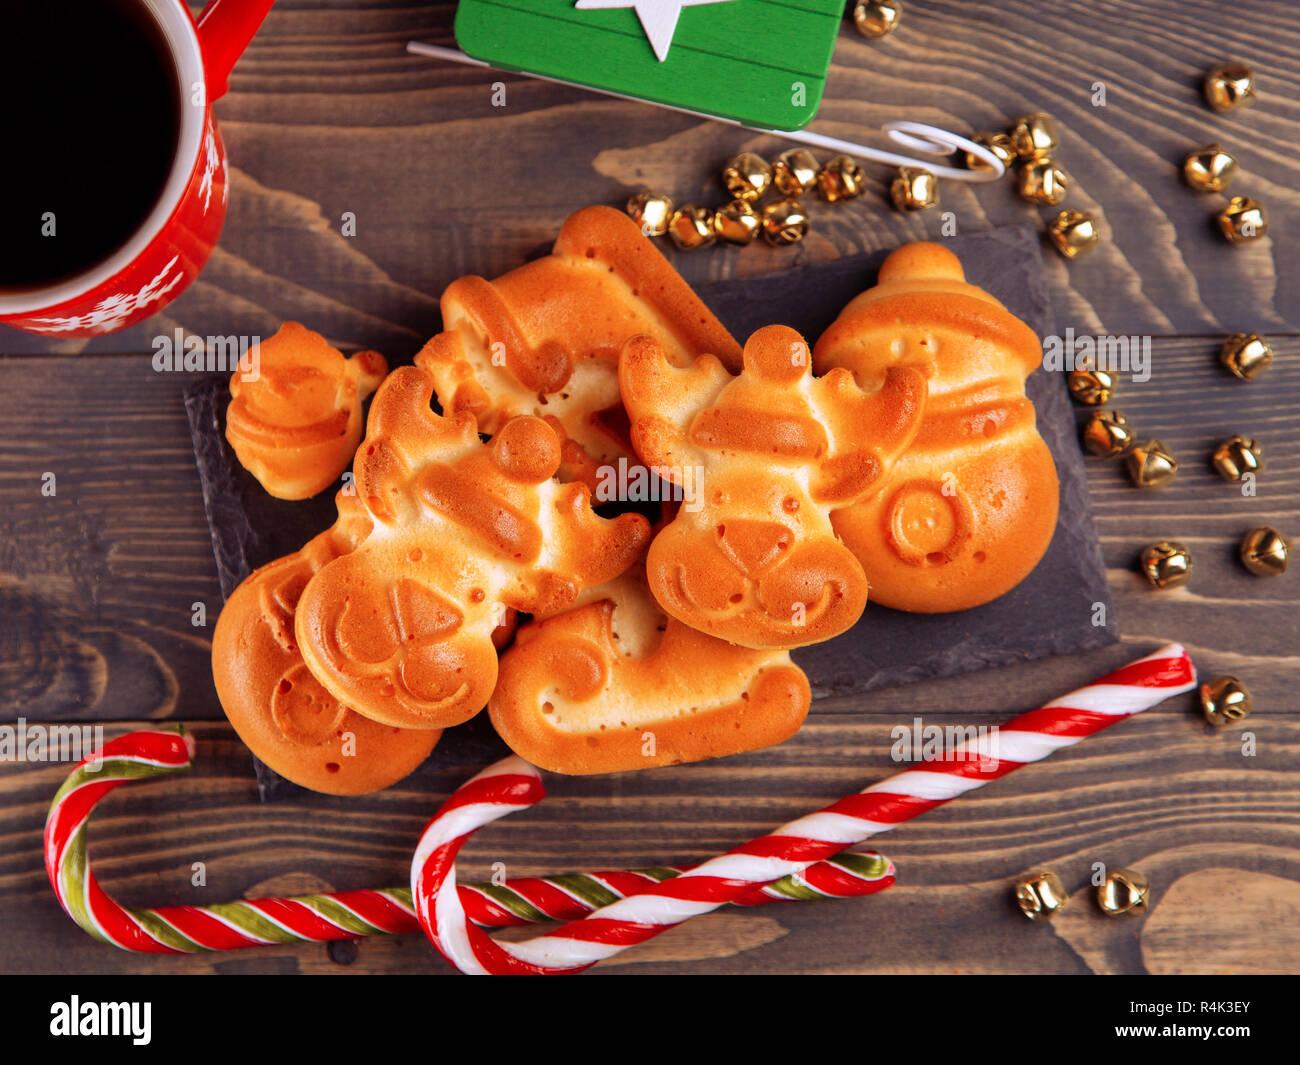 Weihnachten Zusammensetzung Mit Lebkuchen Sussigkeiten Und Dekor